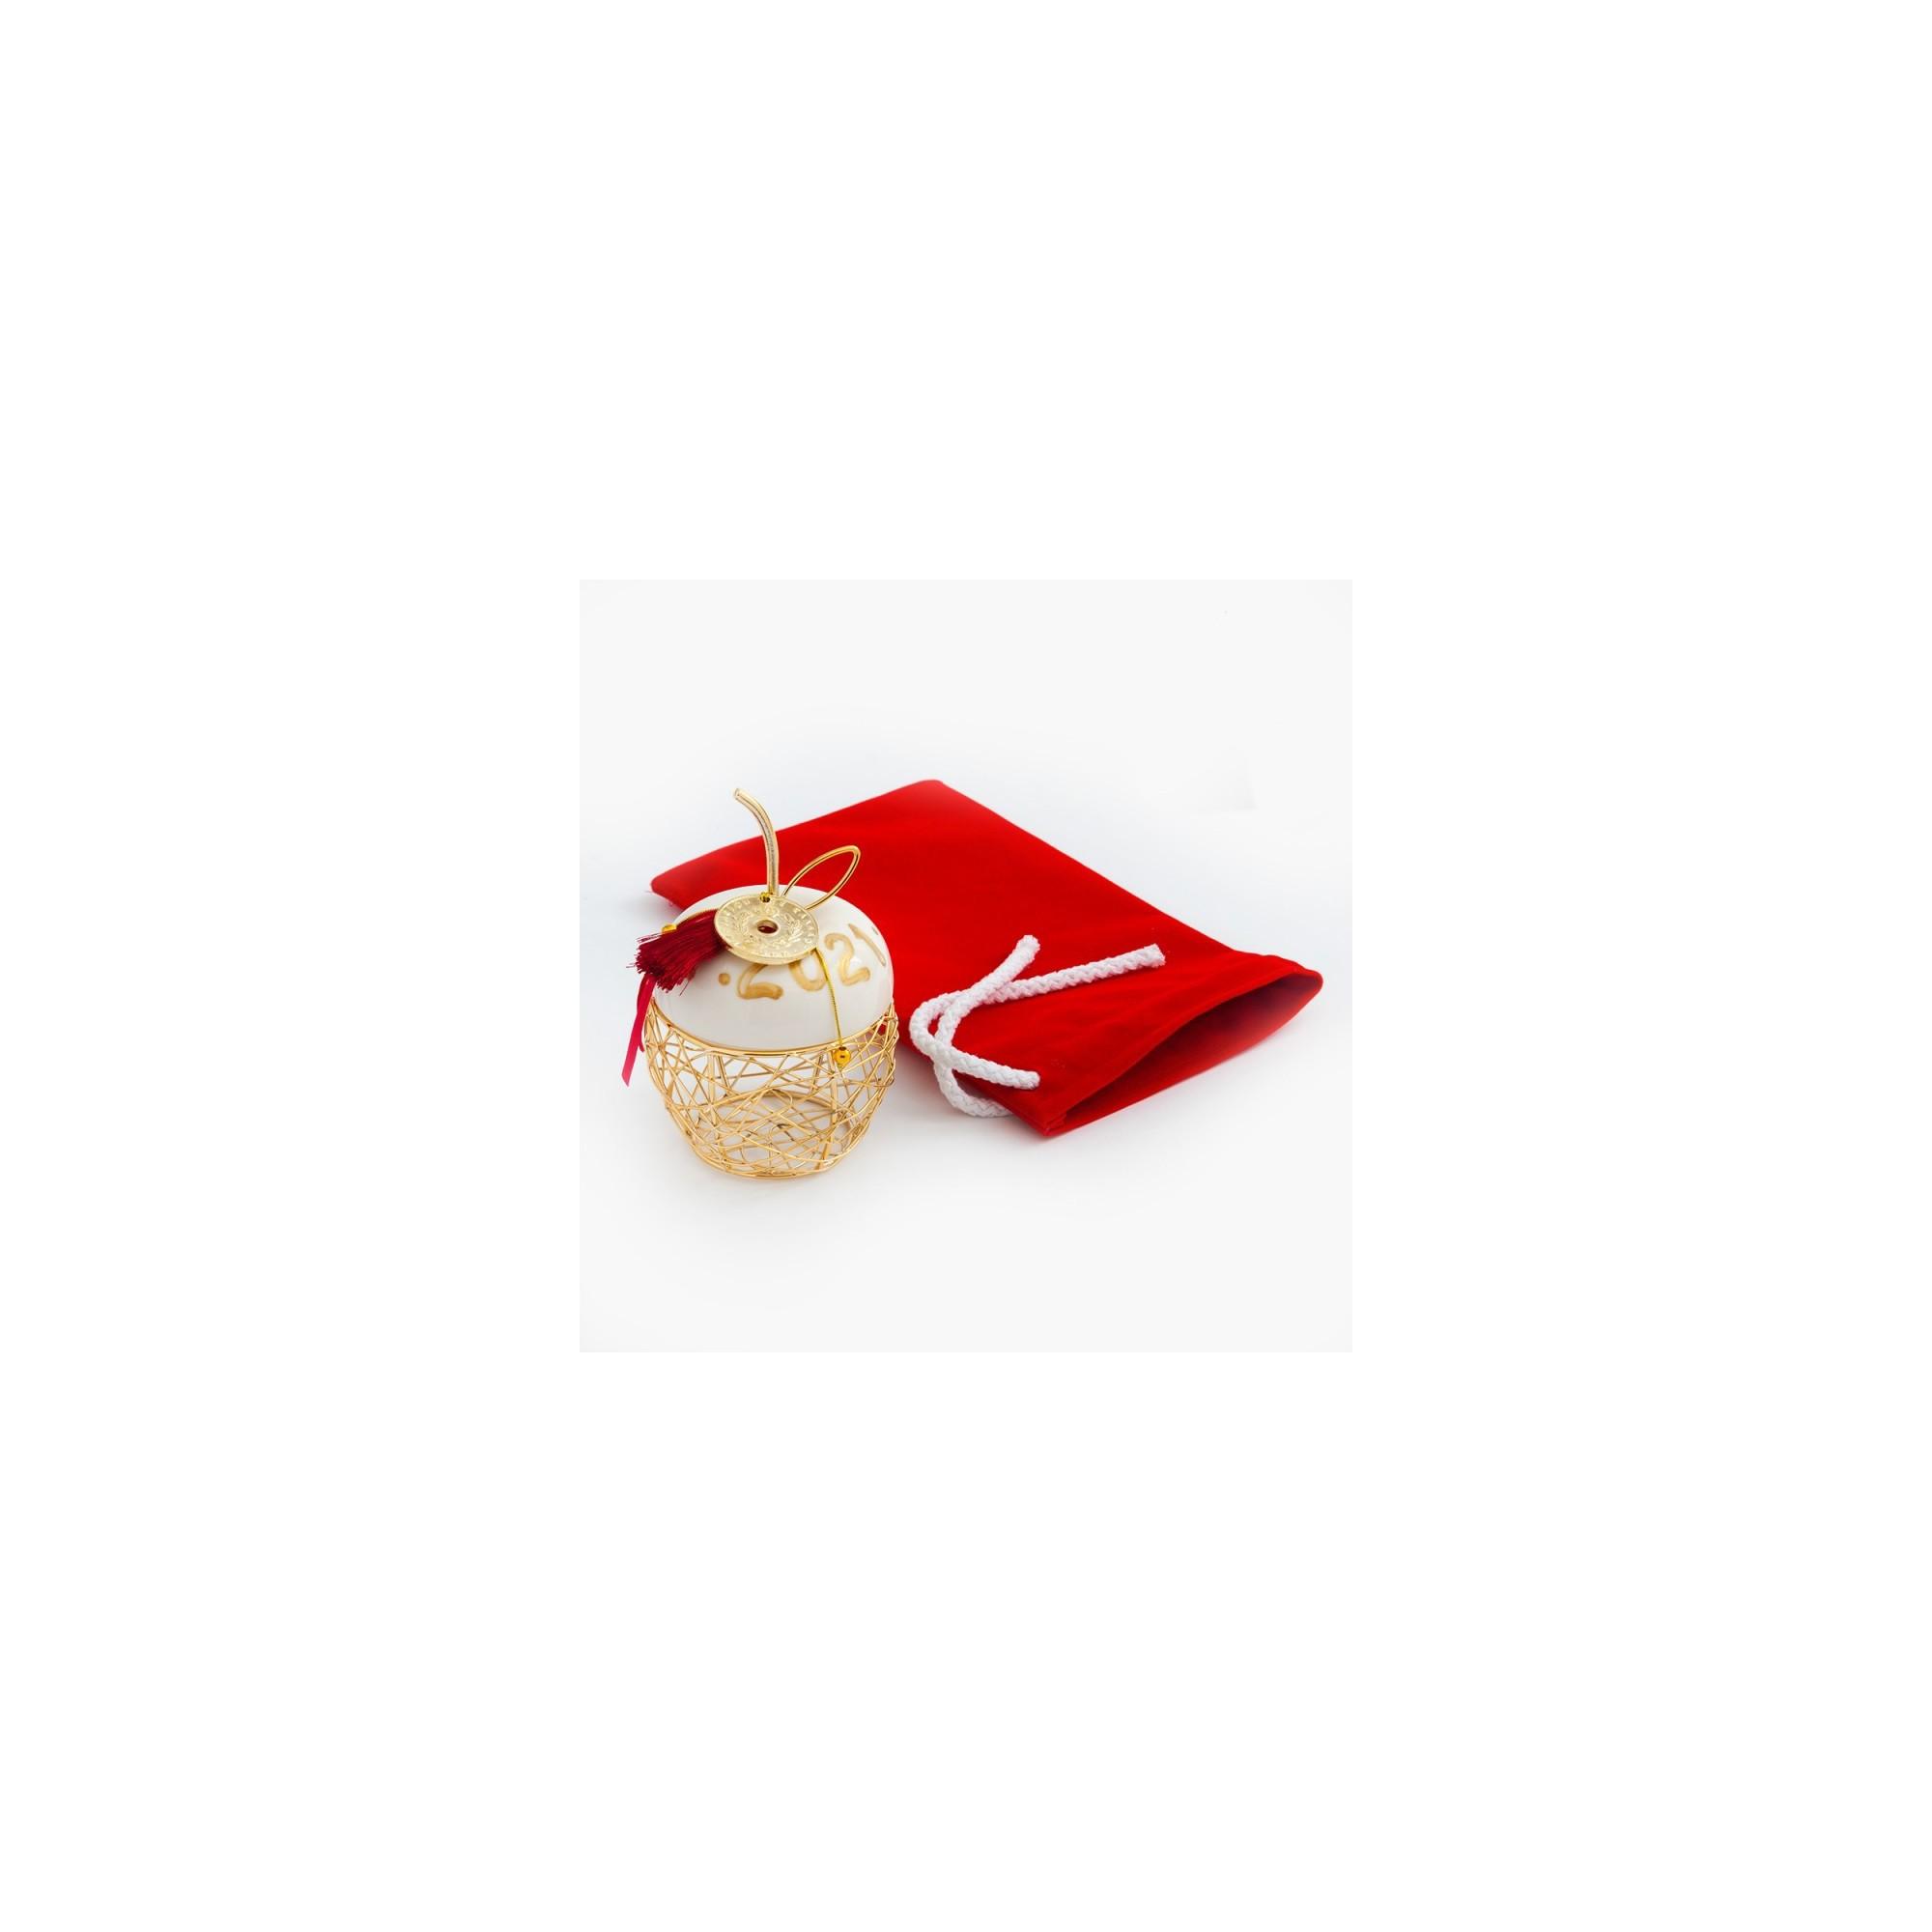 Χριστουγεννιάτικο γούρι με βελούδινο πουγκί - PAR-19252